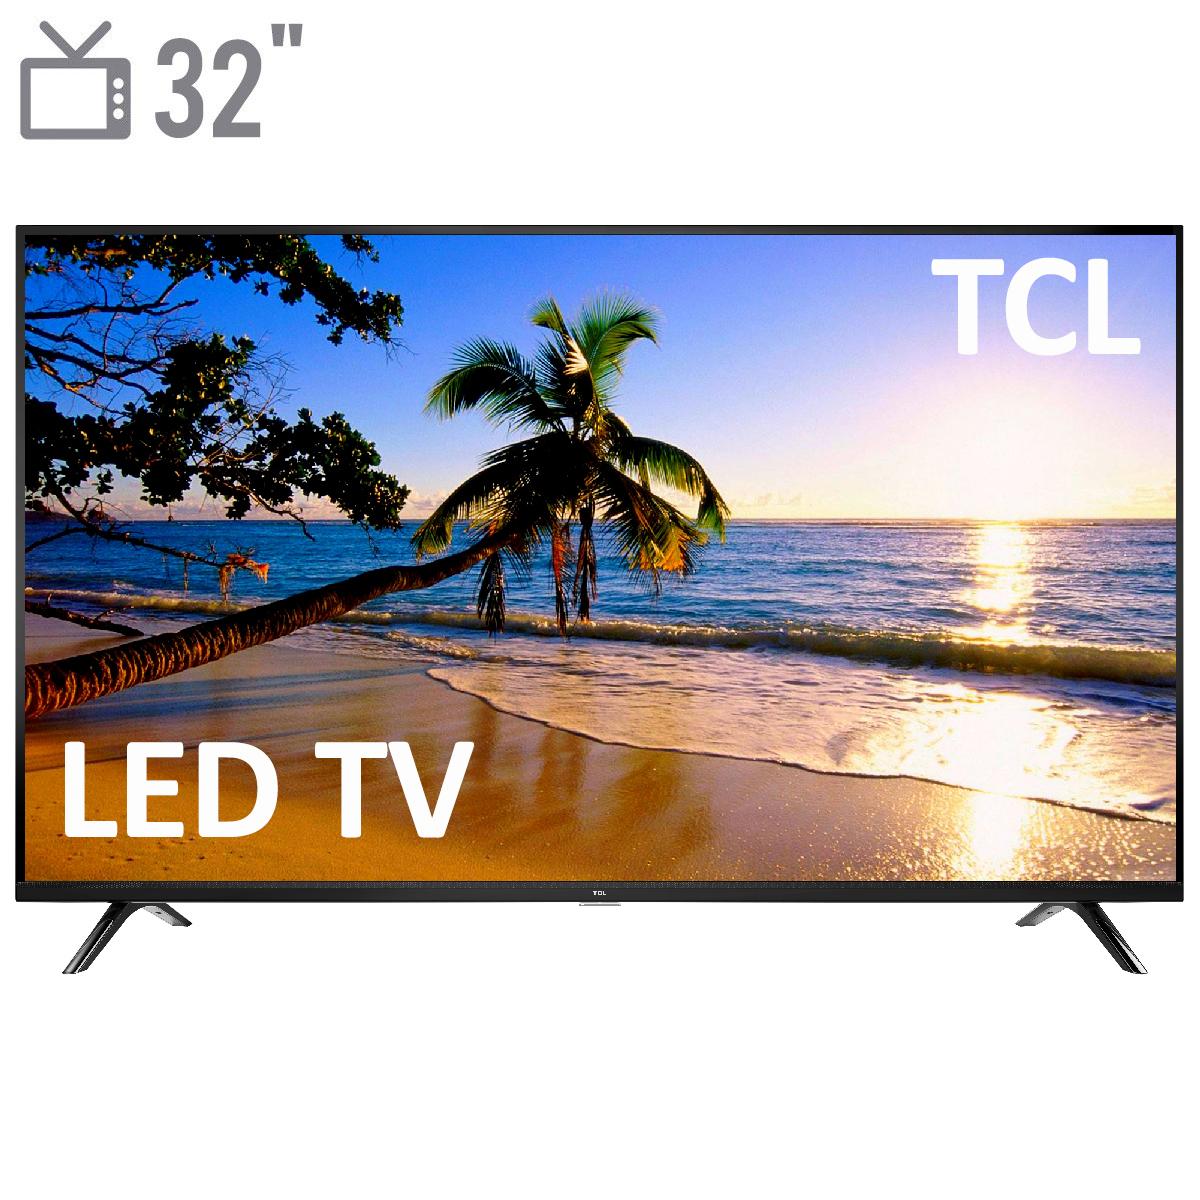 تلویزیون ال ای دی تی سی ال مدل 32D3000i سایز 32 اینچ